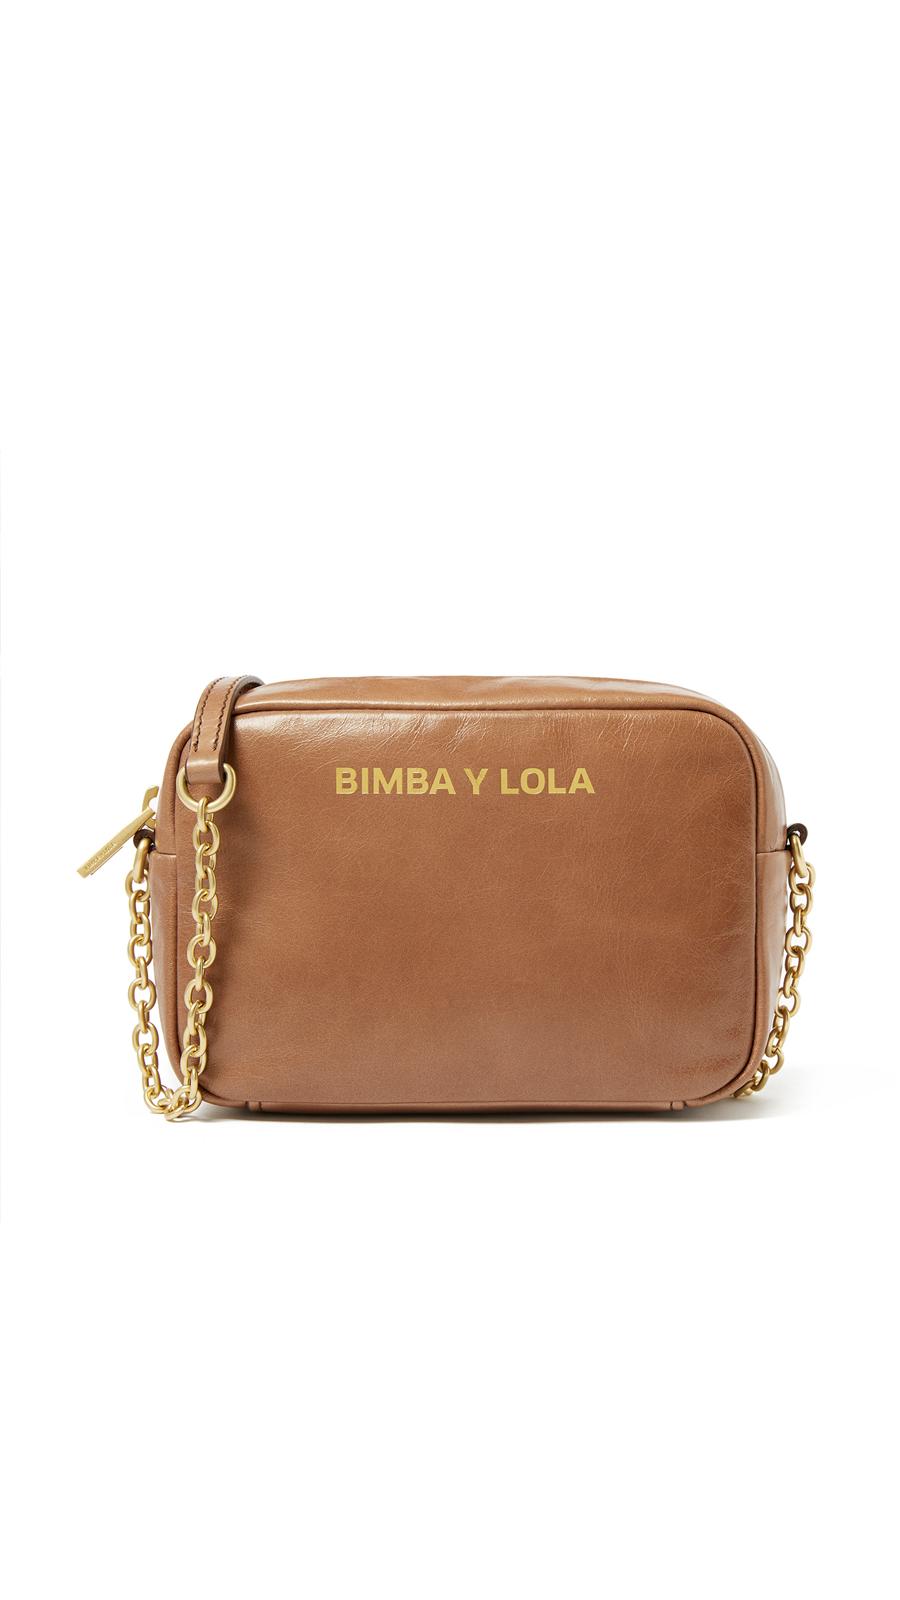 79 mejores imágenes de Bimba & Lola   Bimba y lola, Bolsos